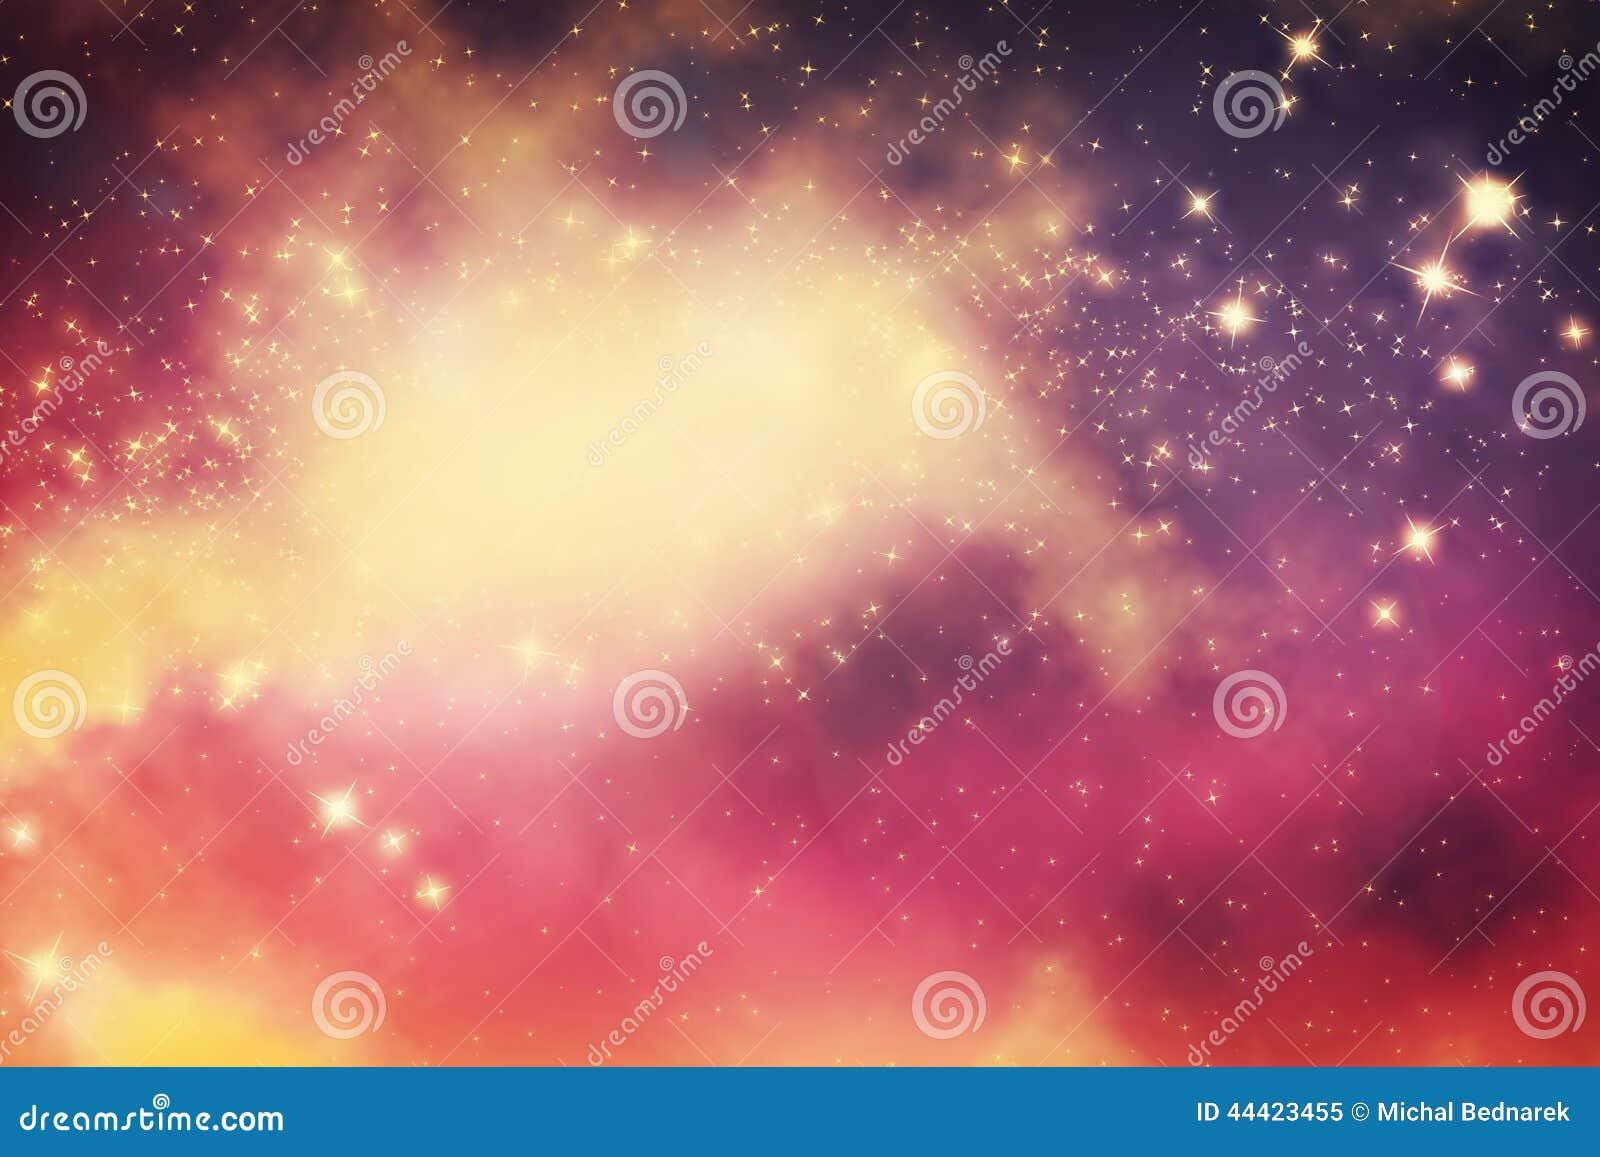 Melkweg met sterren en de ruimte van het fantasieheelal